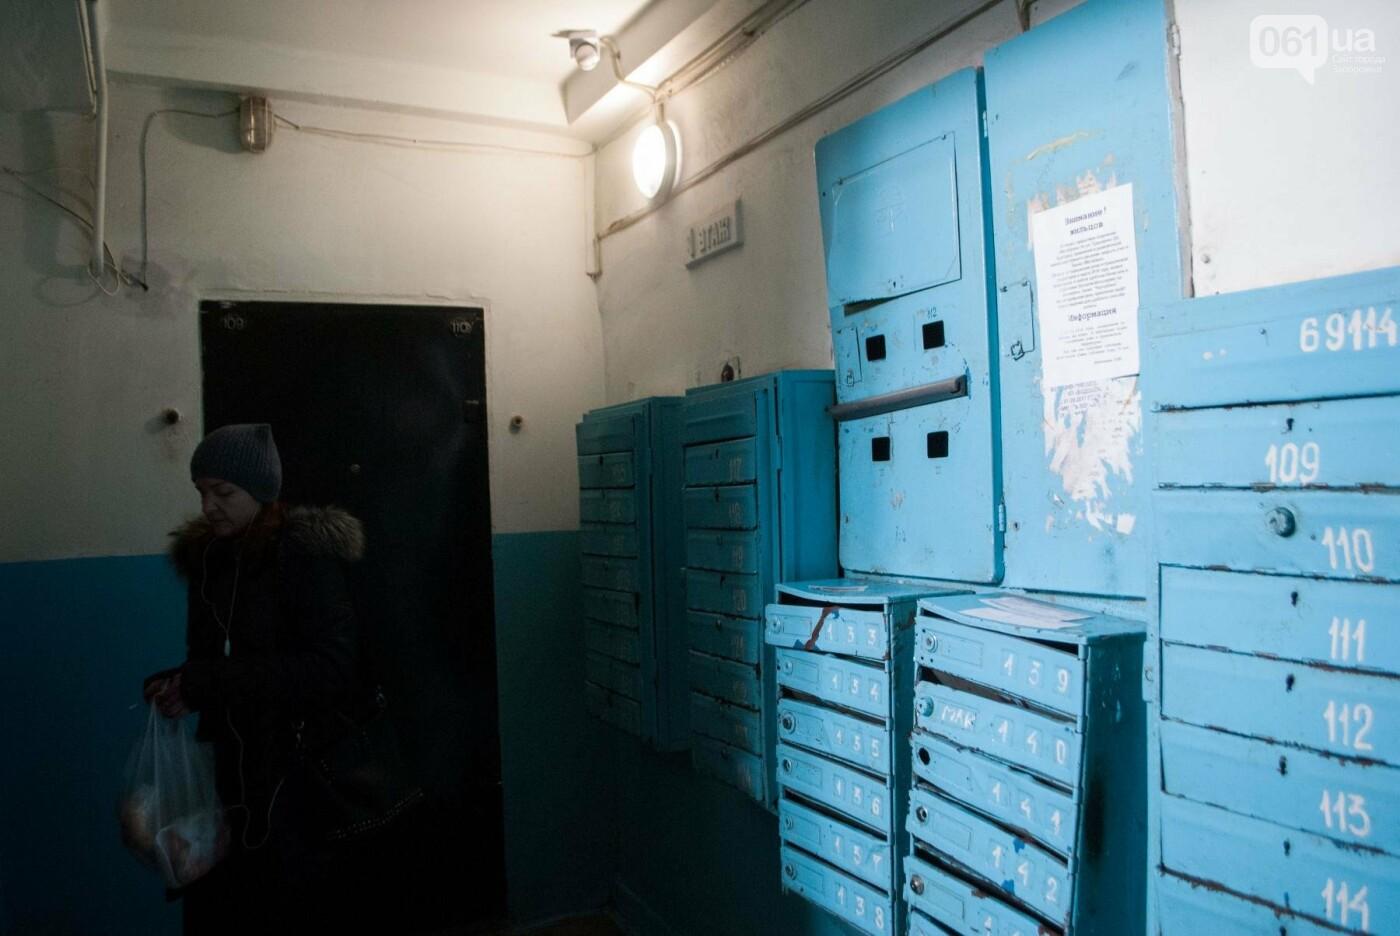 Сам себе хозяин: как запорожские ОСМД занимаются энергосбережением и значительно экономят на тарифах, — ФОТО, фото-32